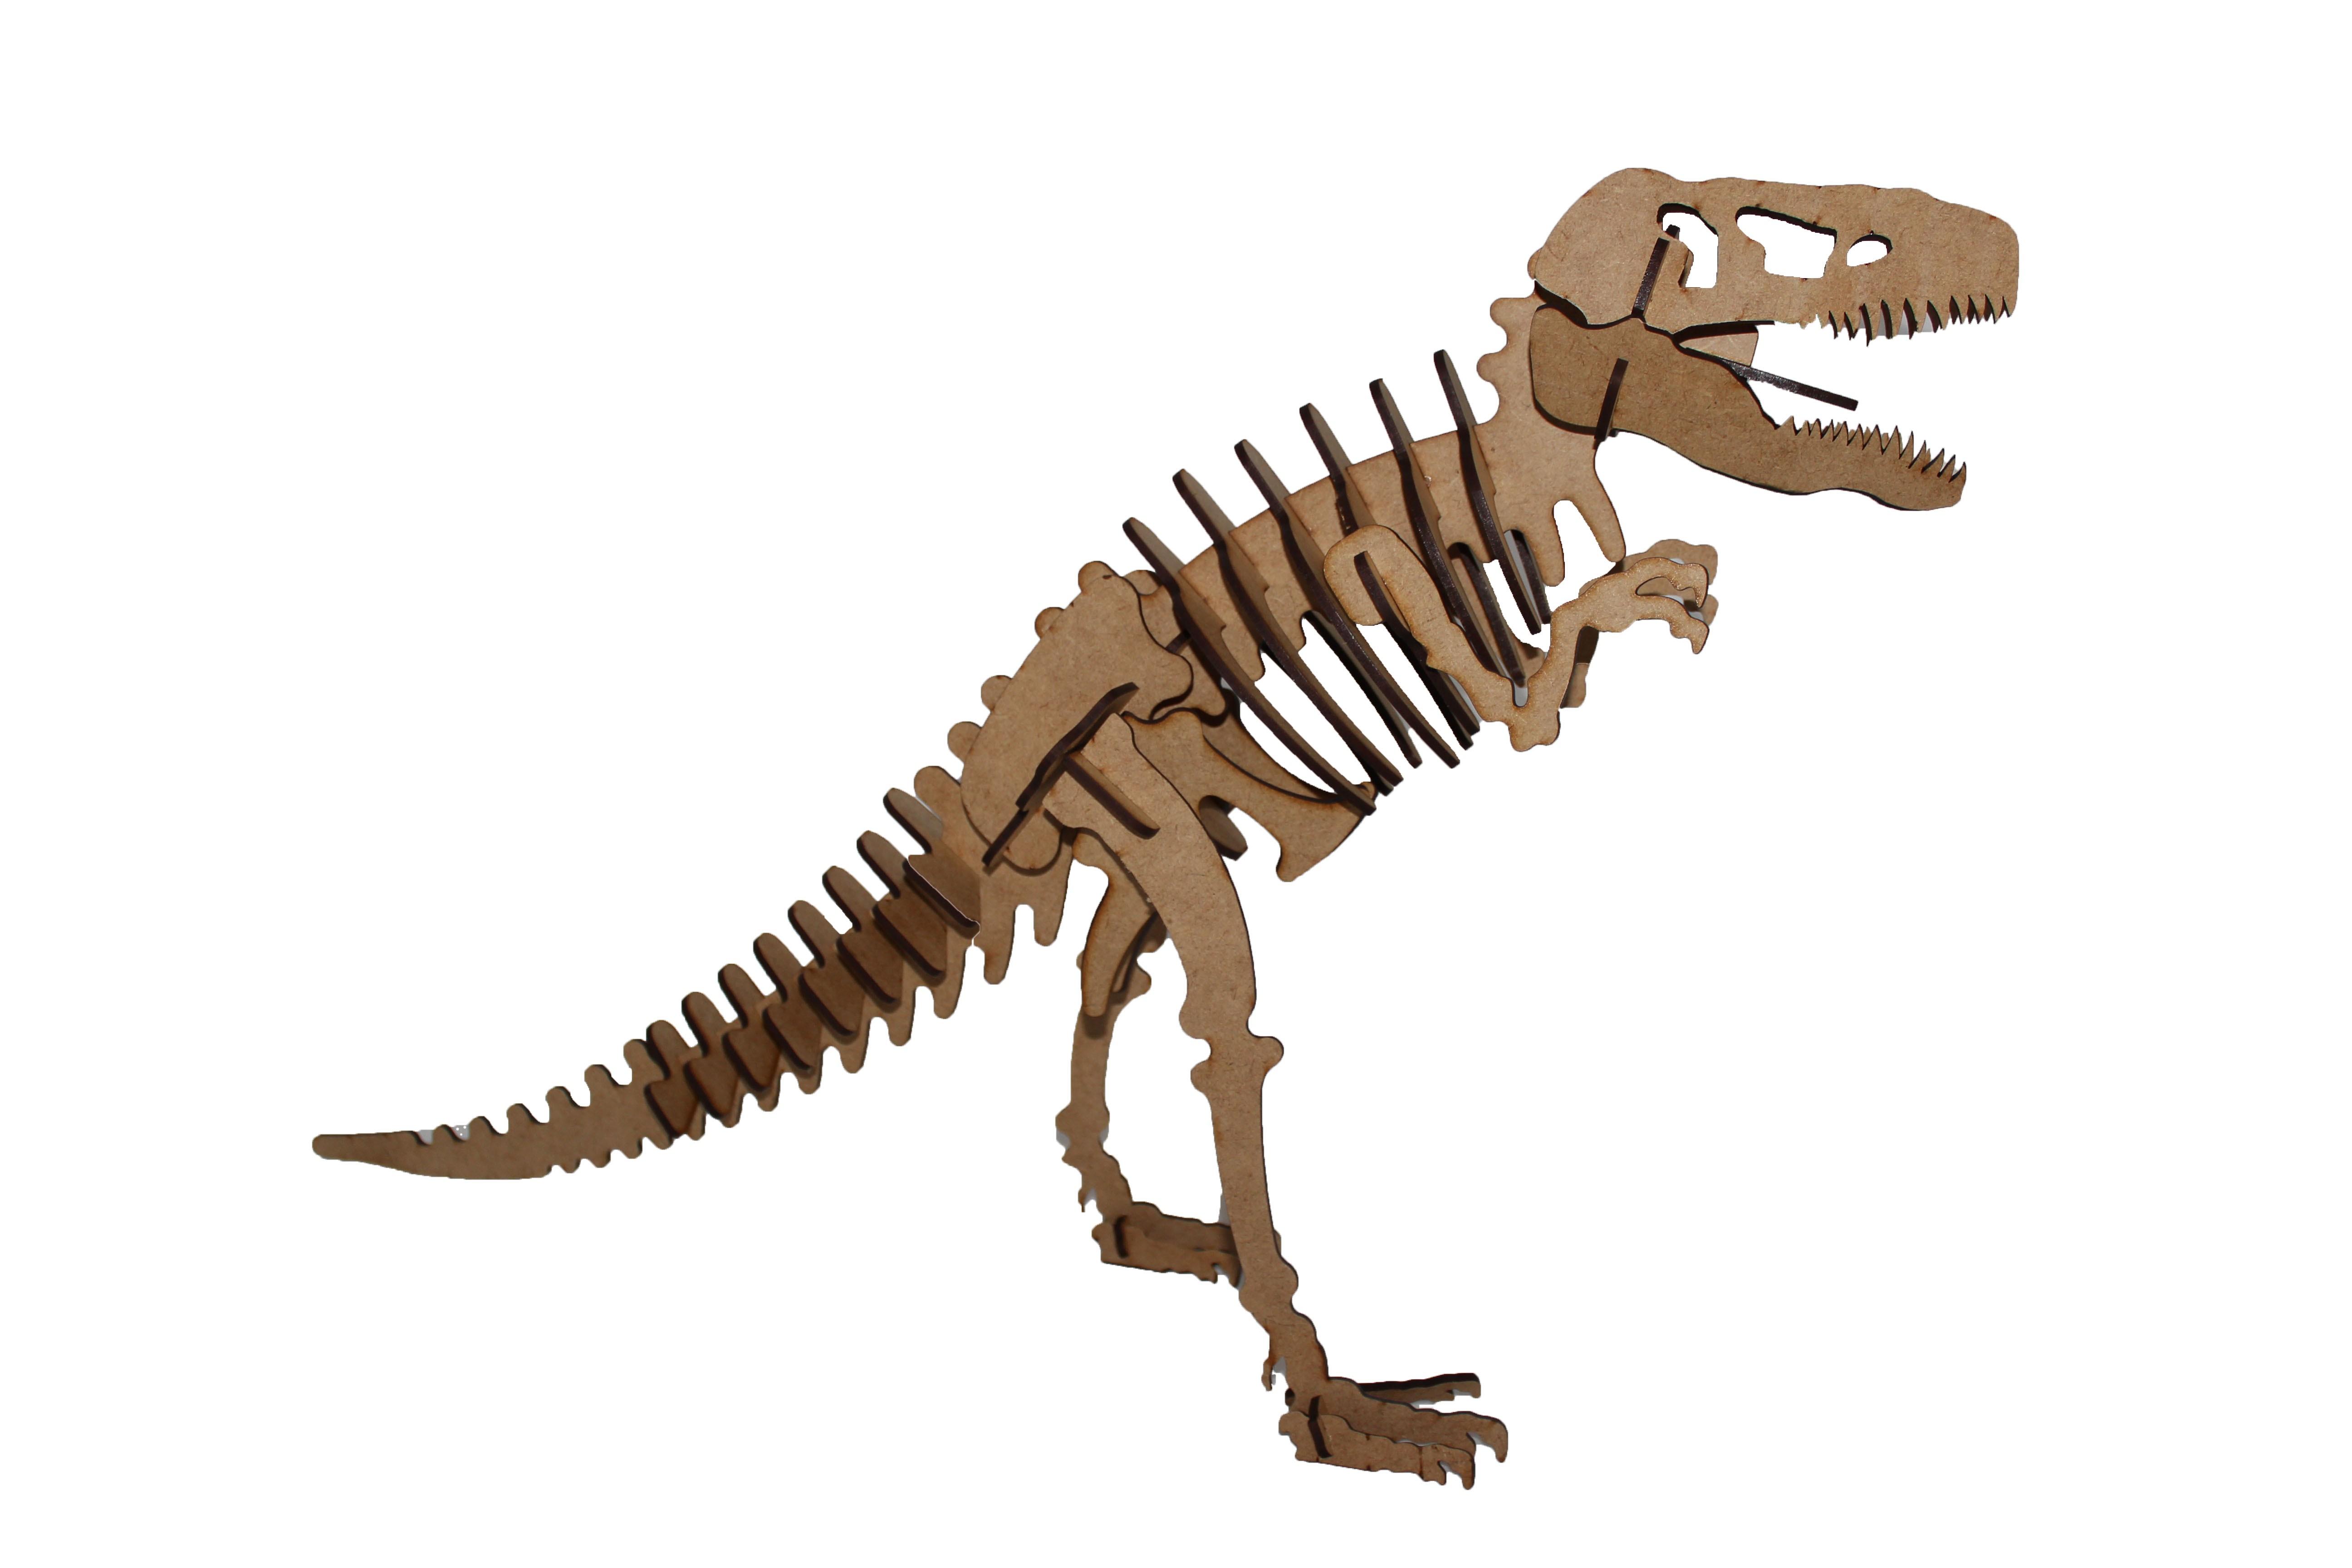 Dinosaur wooden puzzle dinosaur.tyrannosaurus rex t-rex